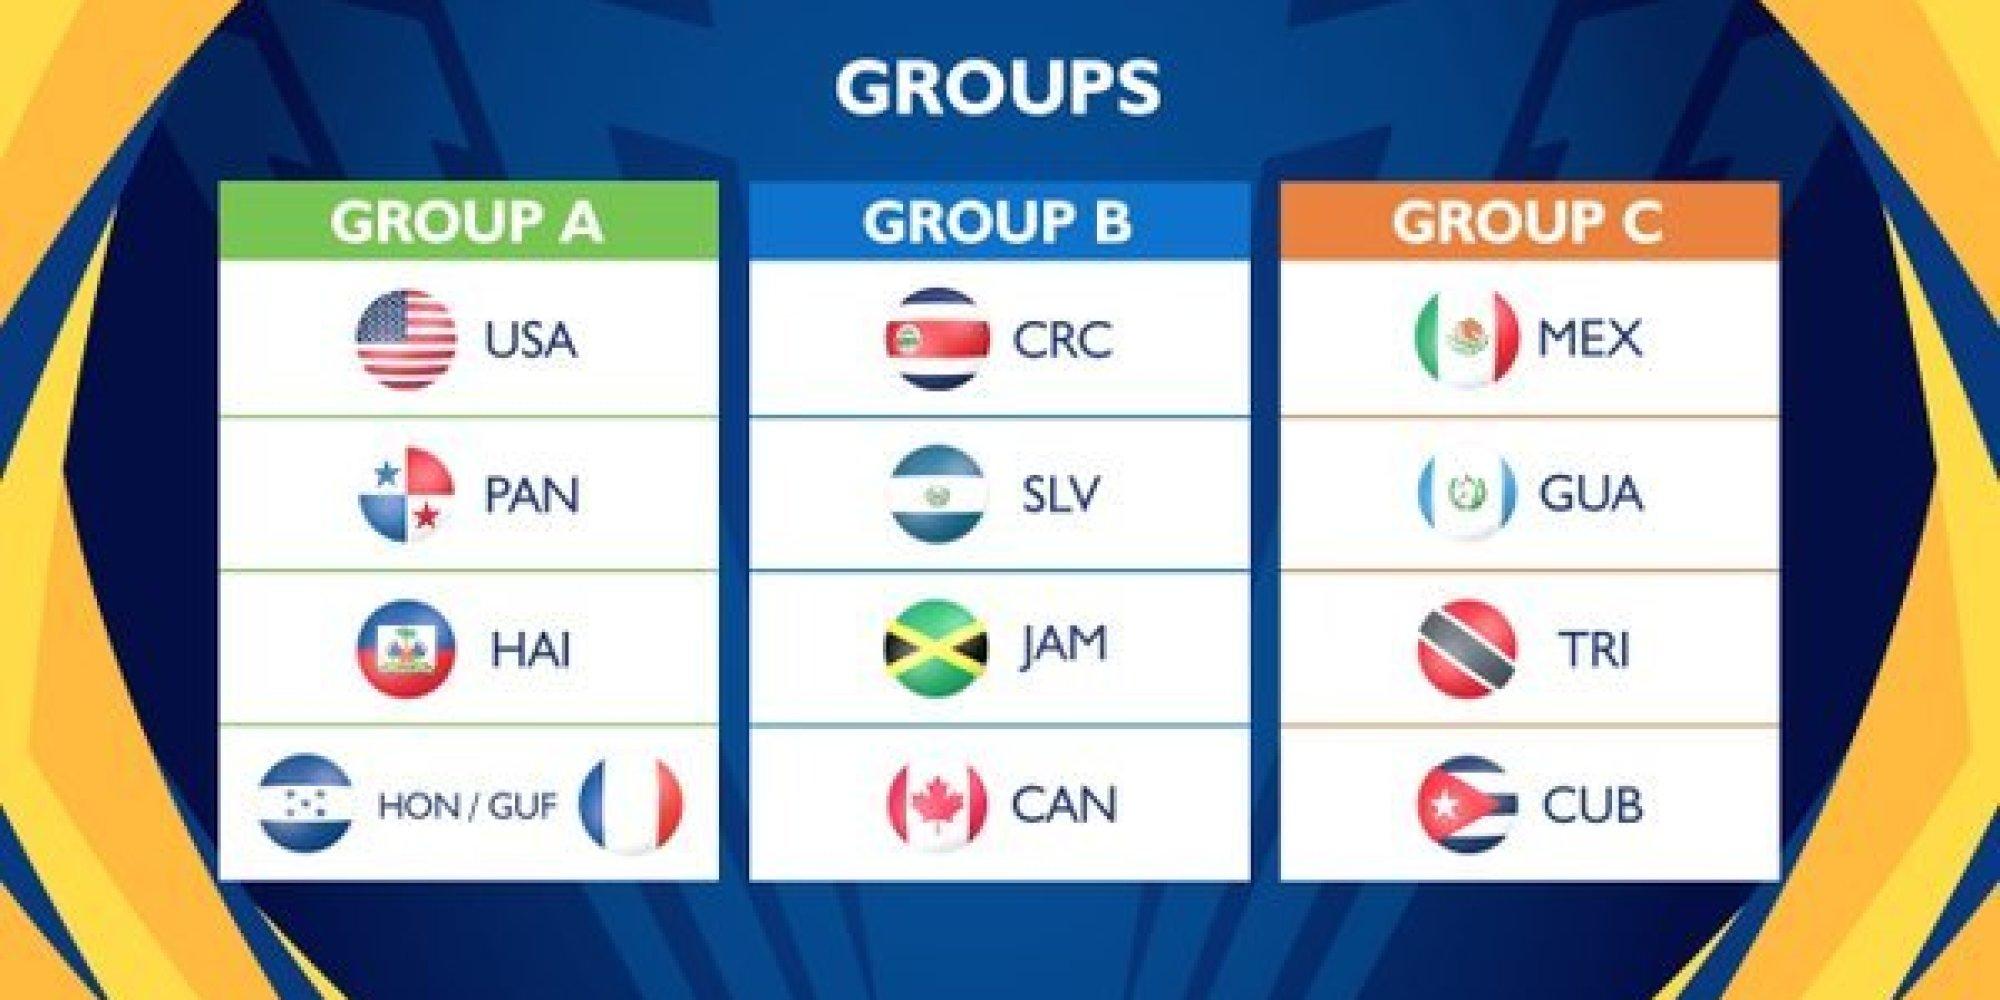 Copa de Oro 2015: Grupos y Calendario de partidos | HuffPost